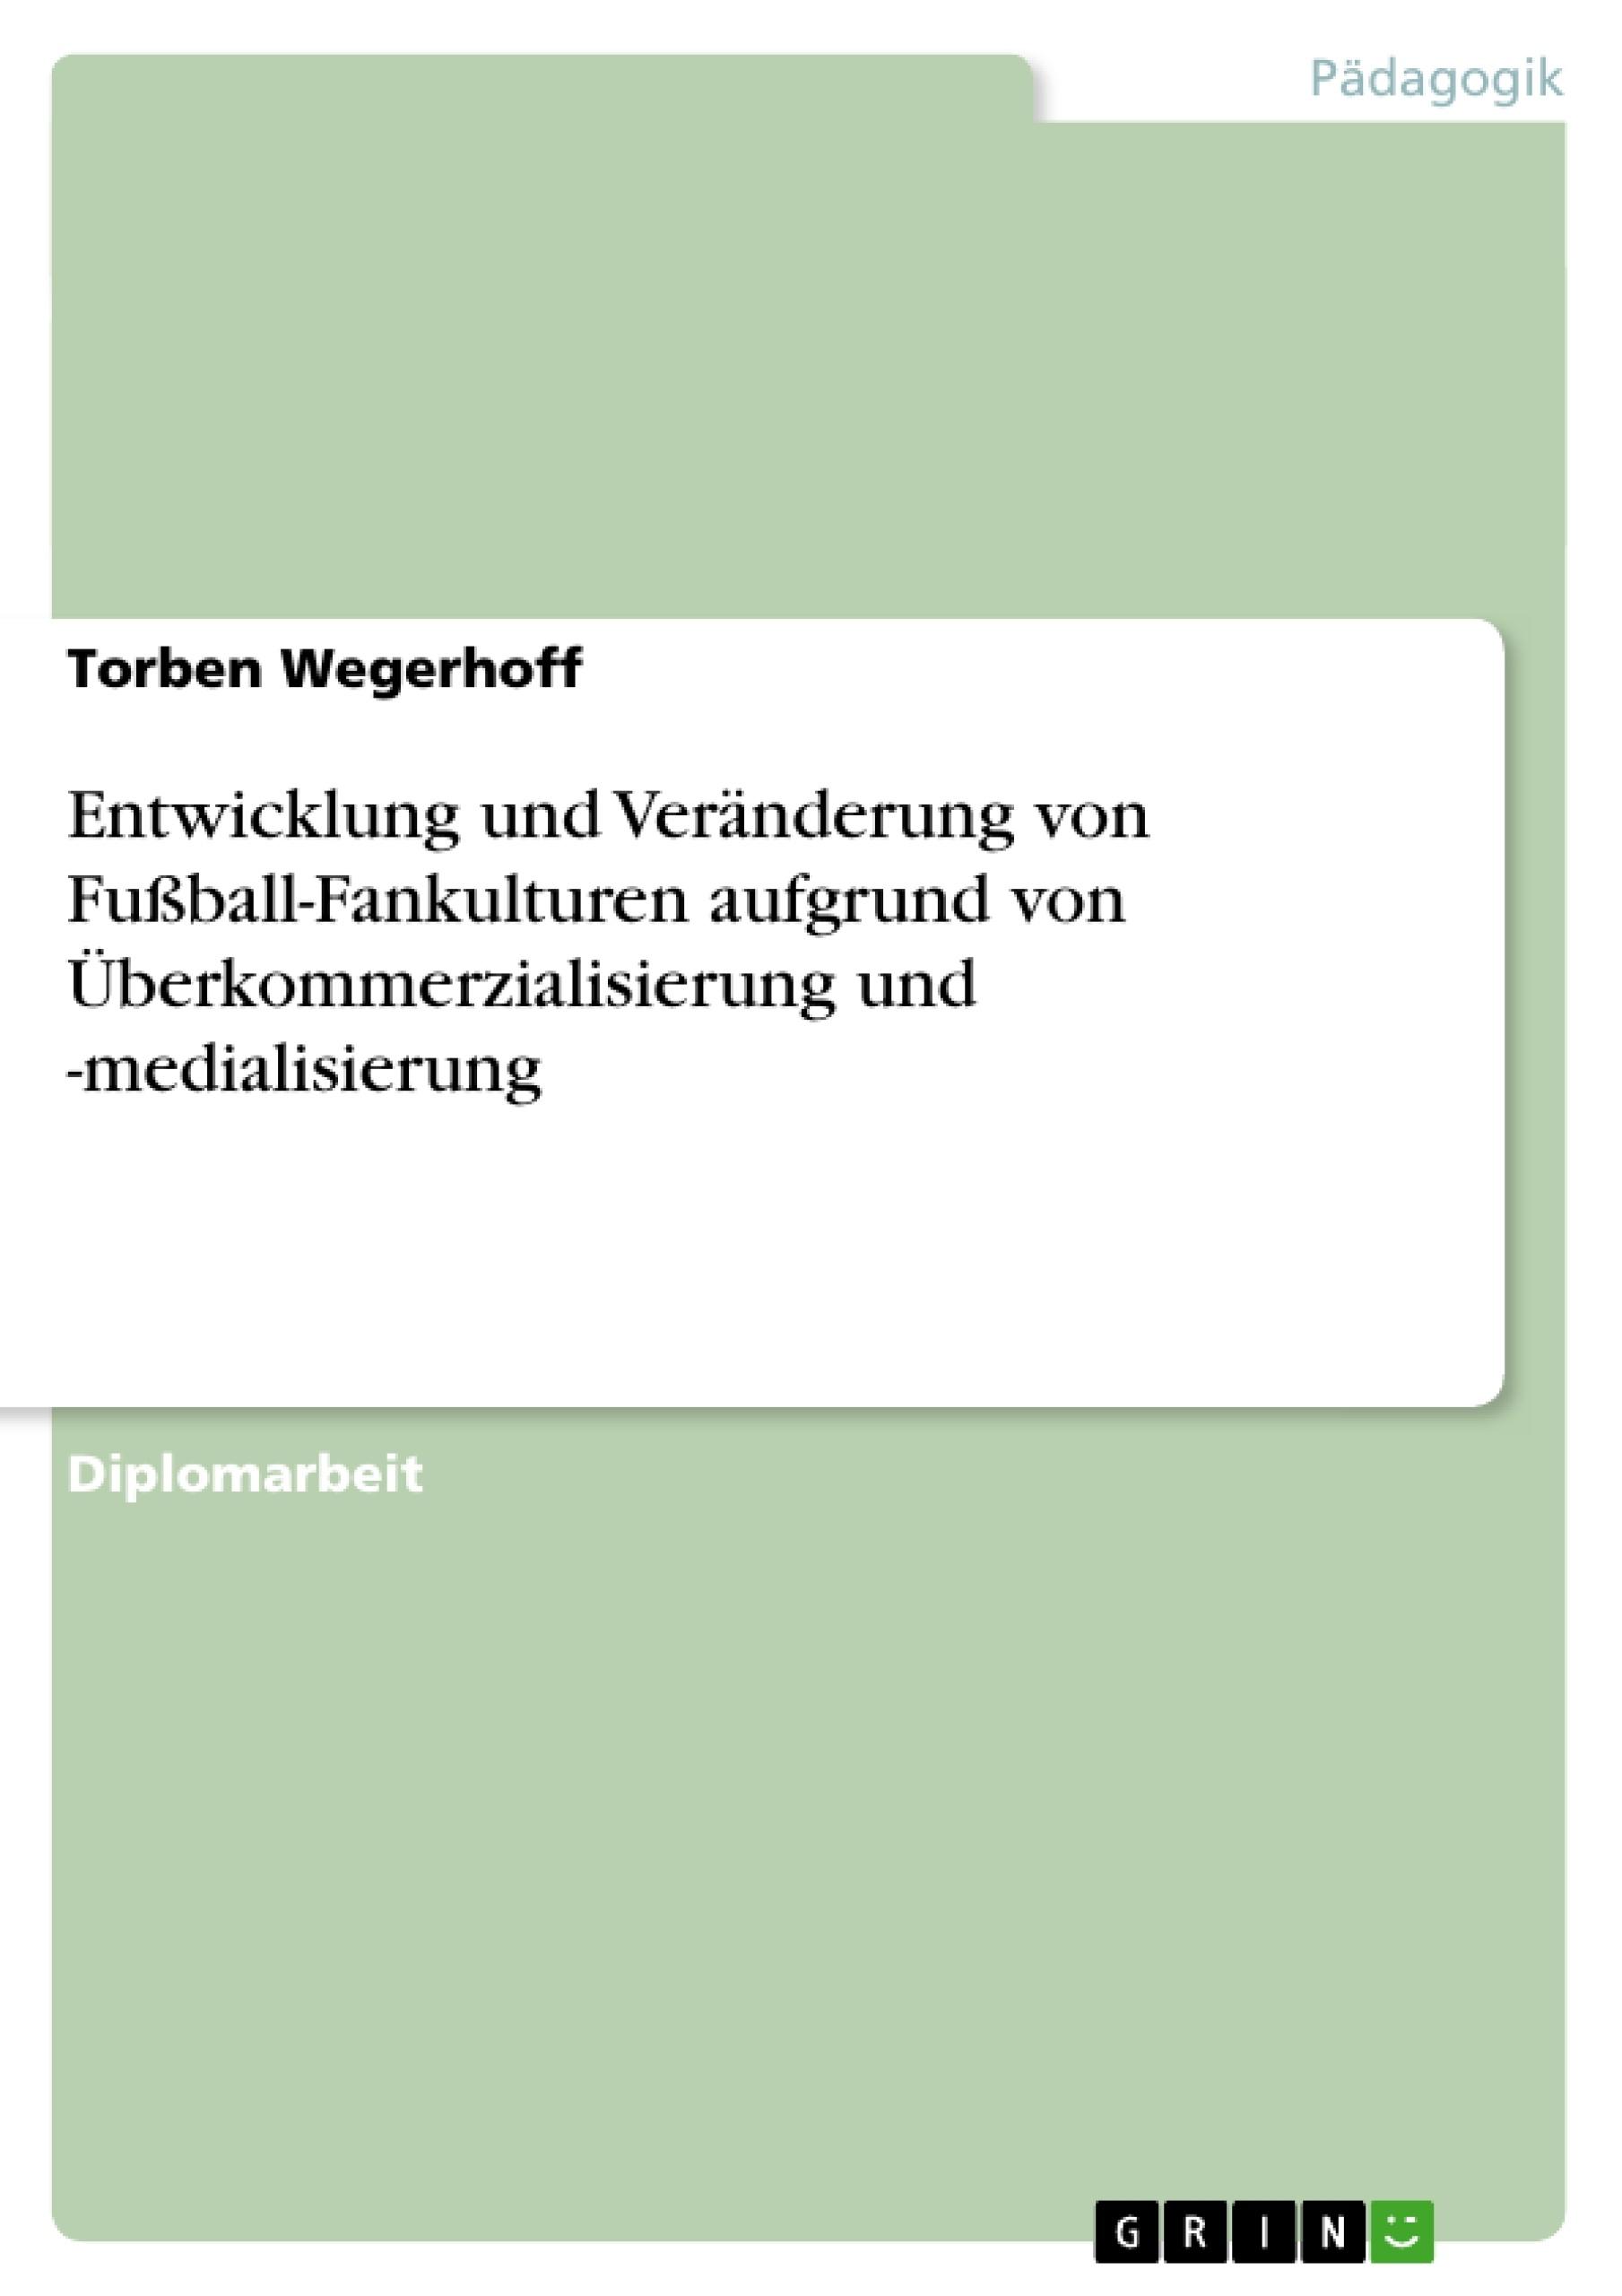 Titel: Entwicklung und Veränderung von Fußball-Fankulturen aufgrund von Überkommerzialisierung und -medialisierung